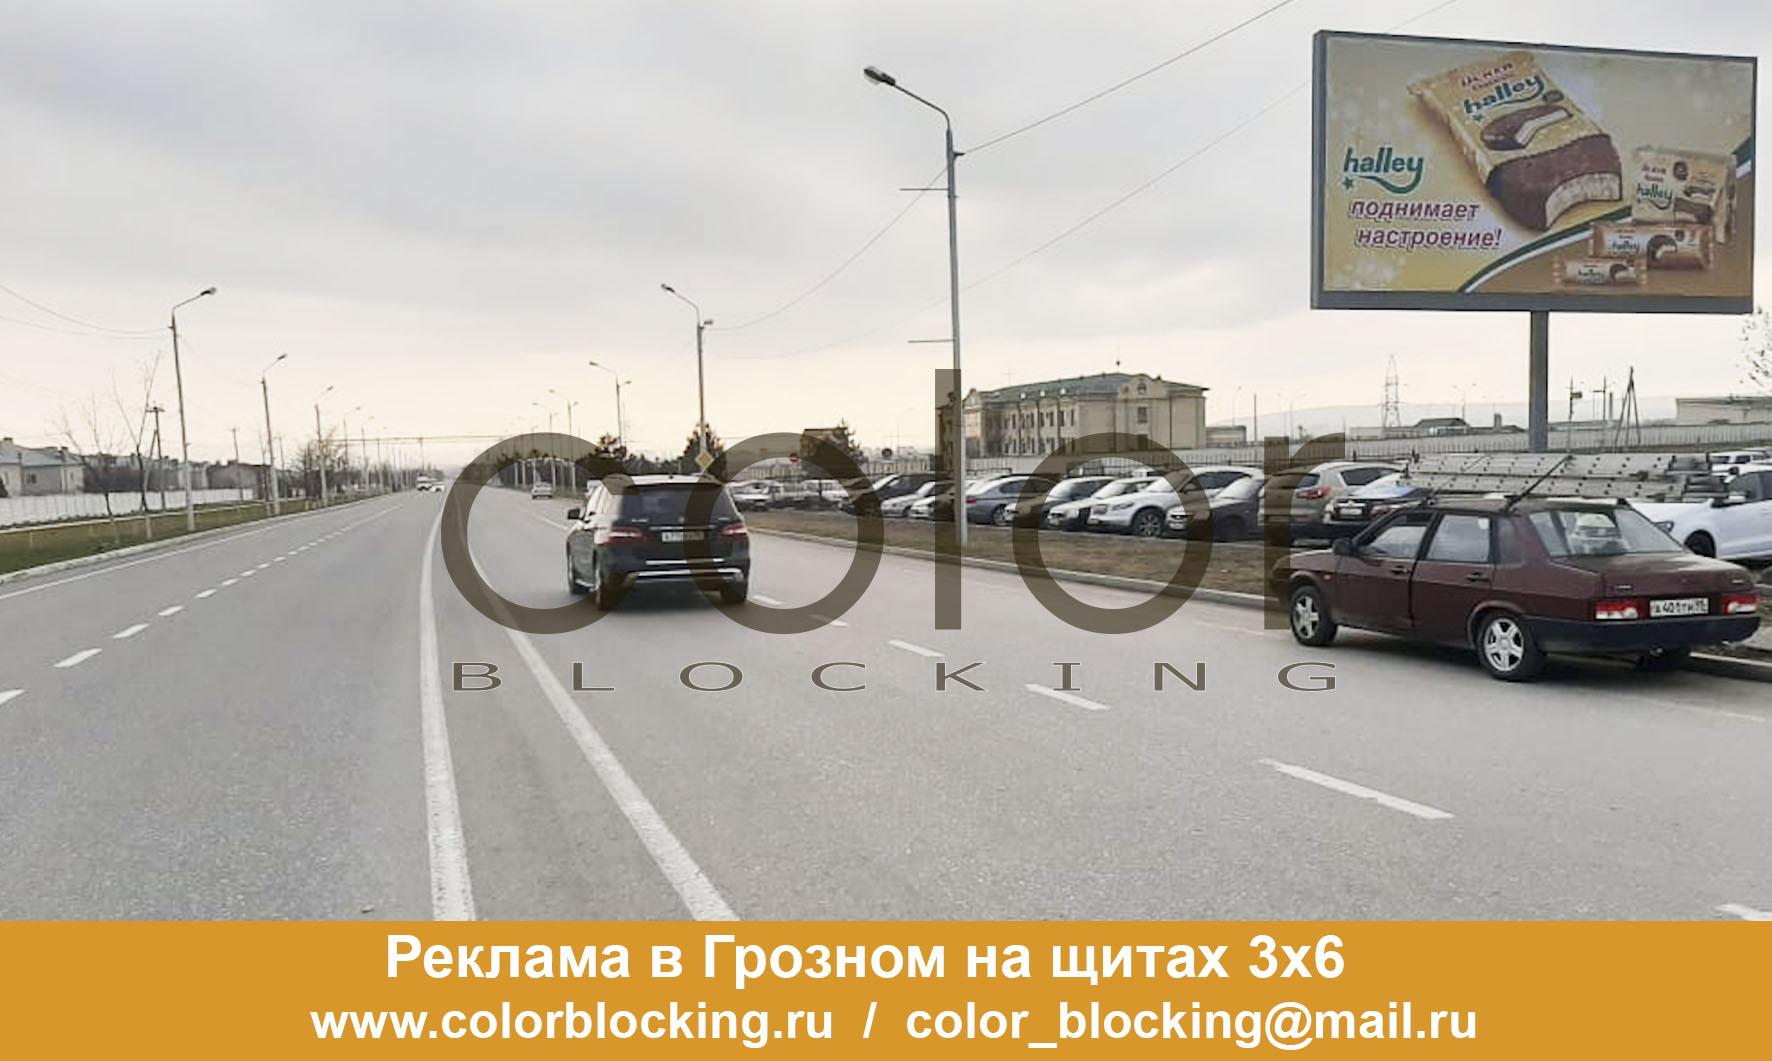 Реклама в Грозном на щитах 3х6 аэропорт